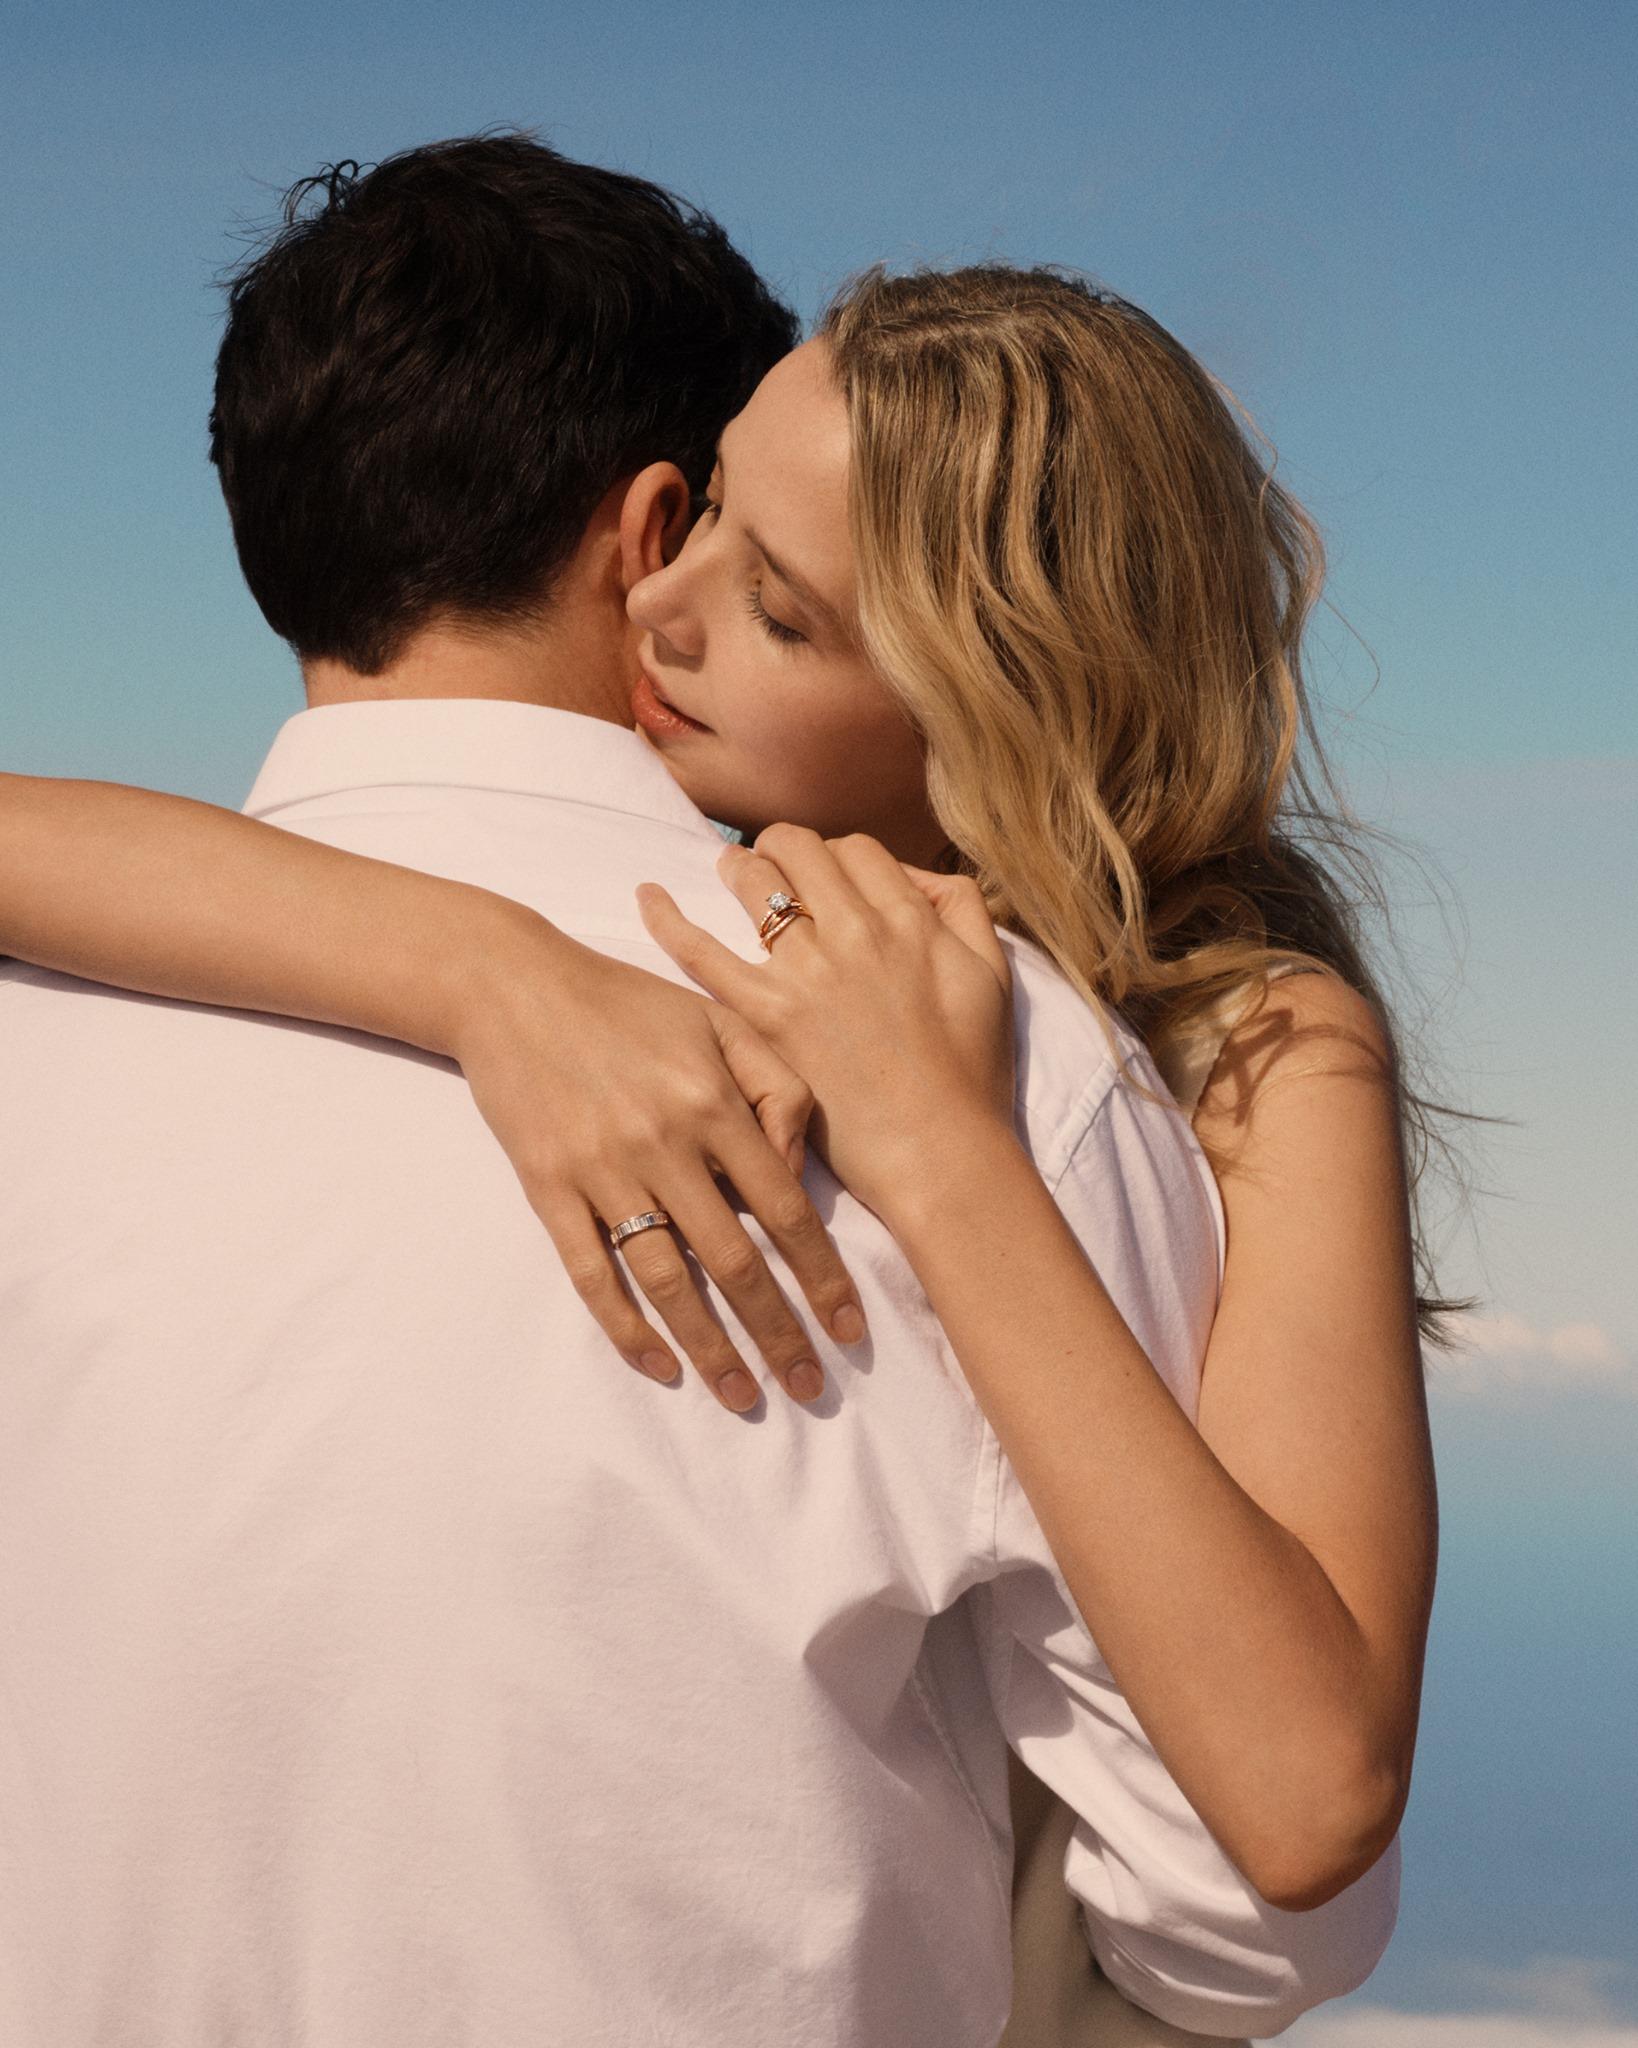 woman-wearing-diamond-ring-hugging-man